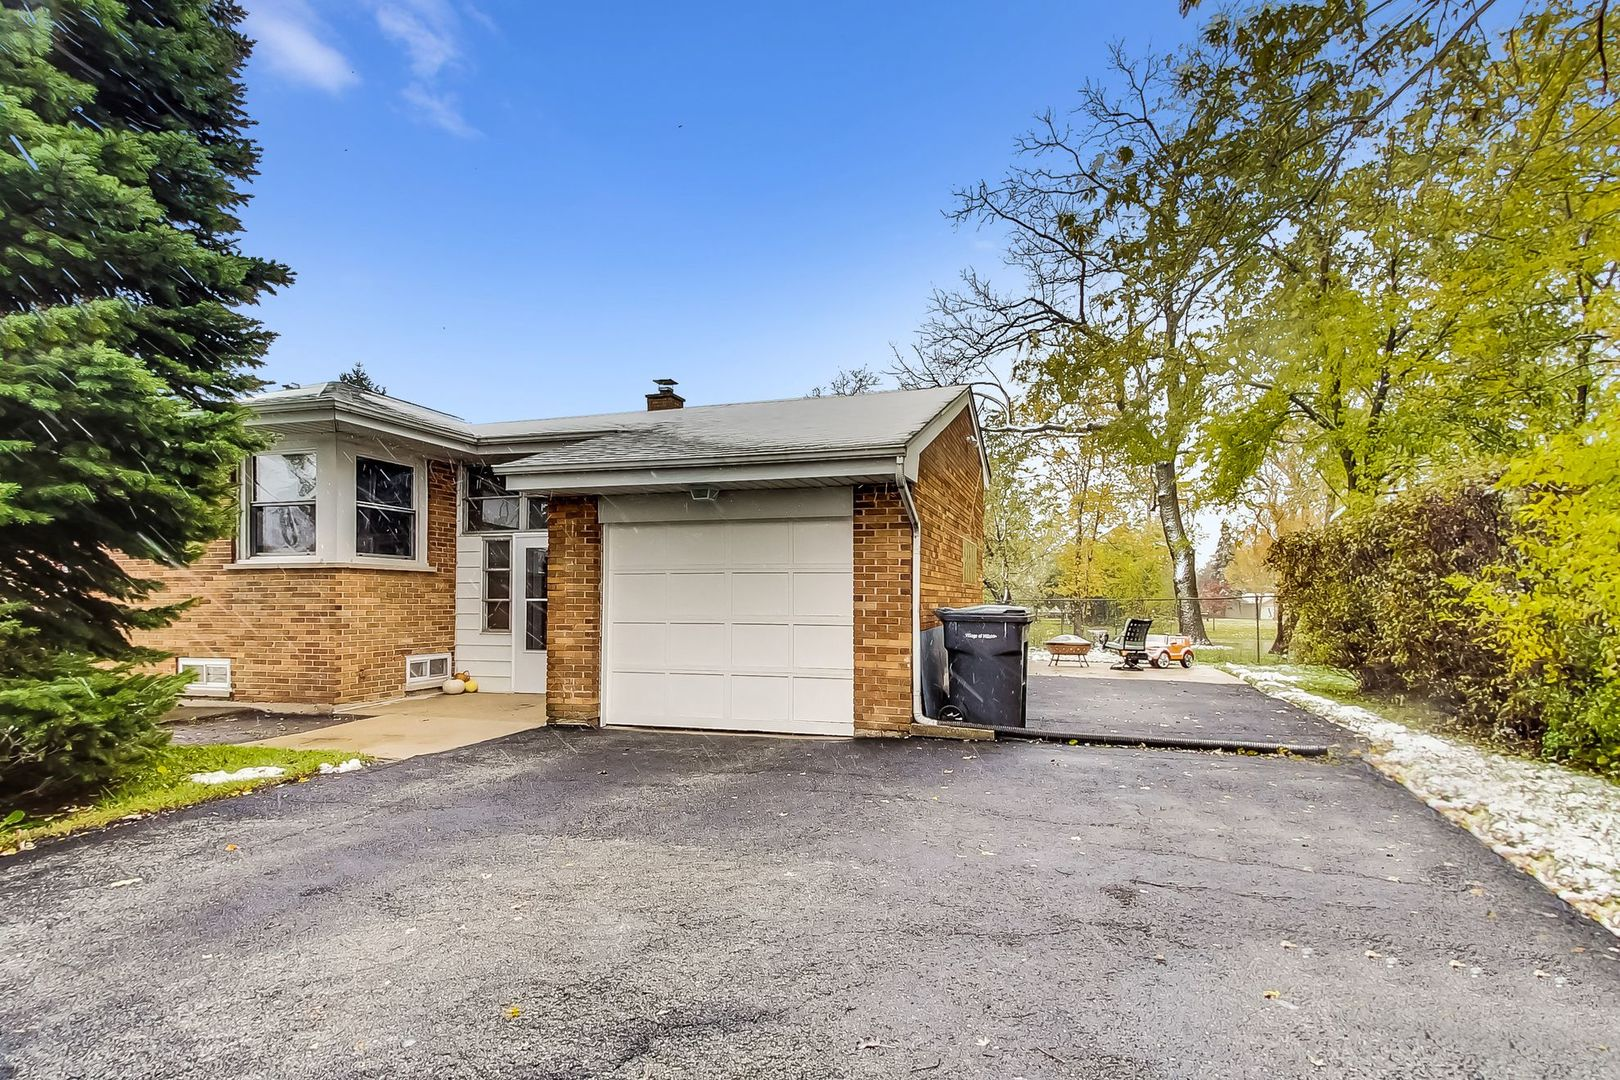 4834 Sunnyside, Hillside, Illinois, 60162